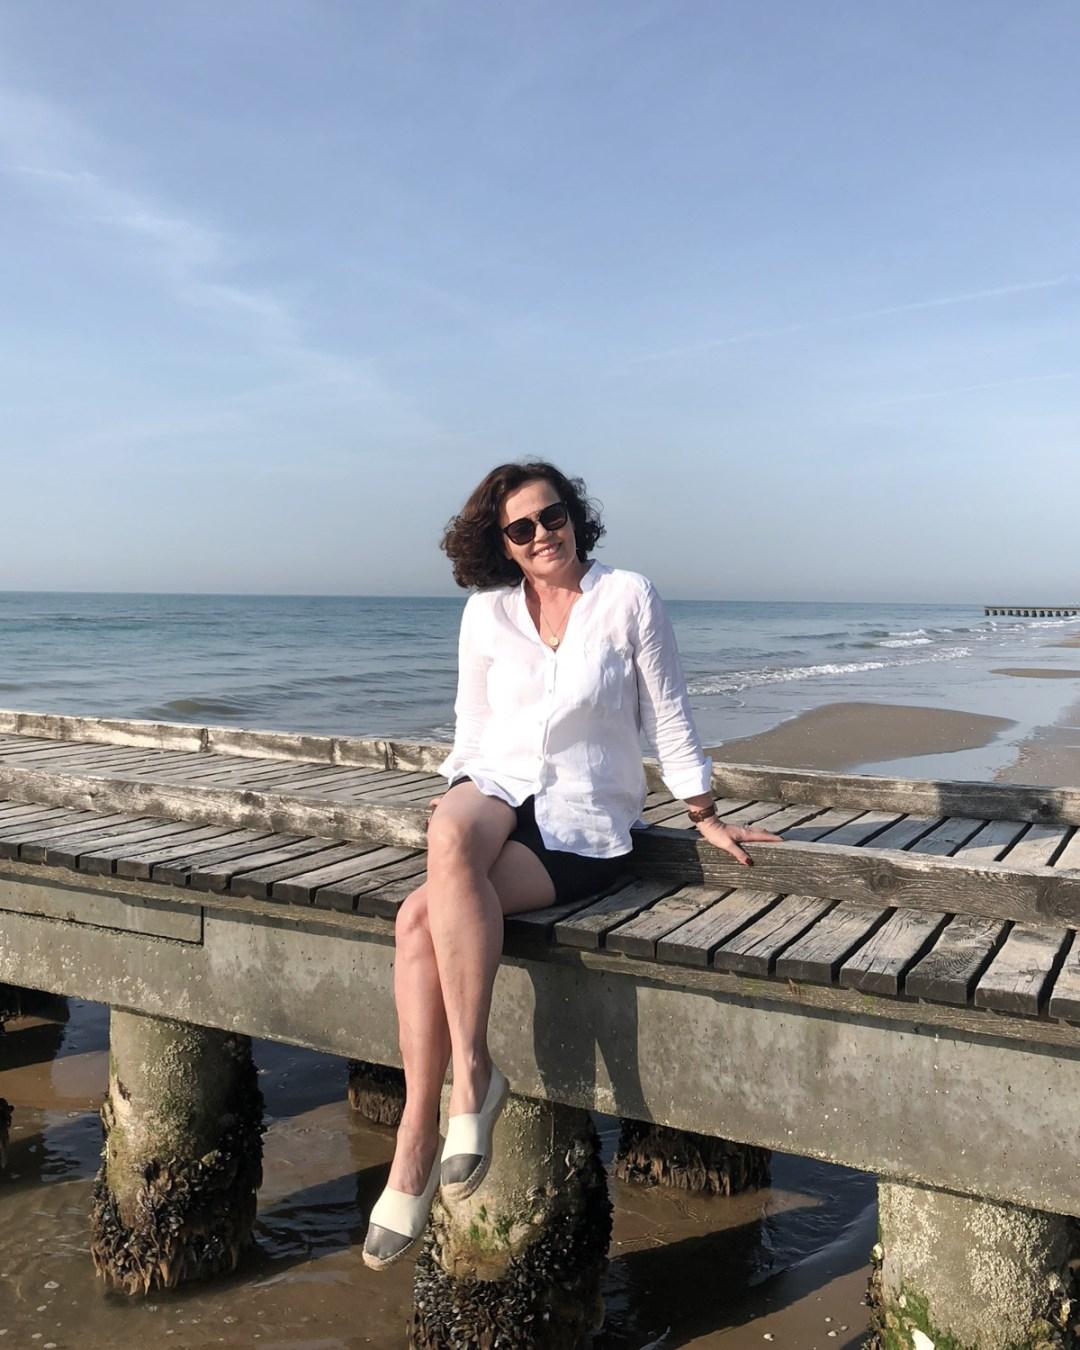 inastil, Ü50Blogger, Italien, Venedig, Jesolo, Kurzurlaub, Venedigtrip, Frühling am Meer,_-7